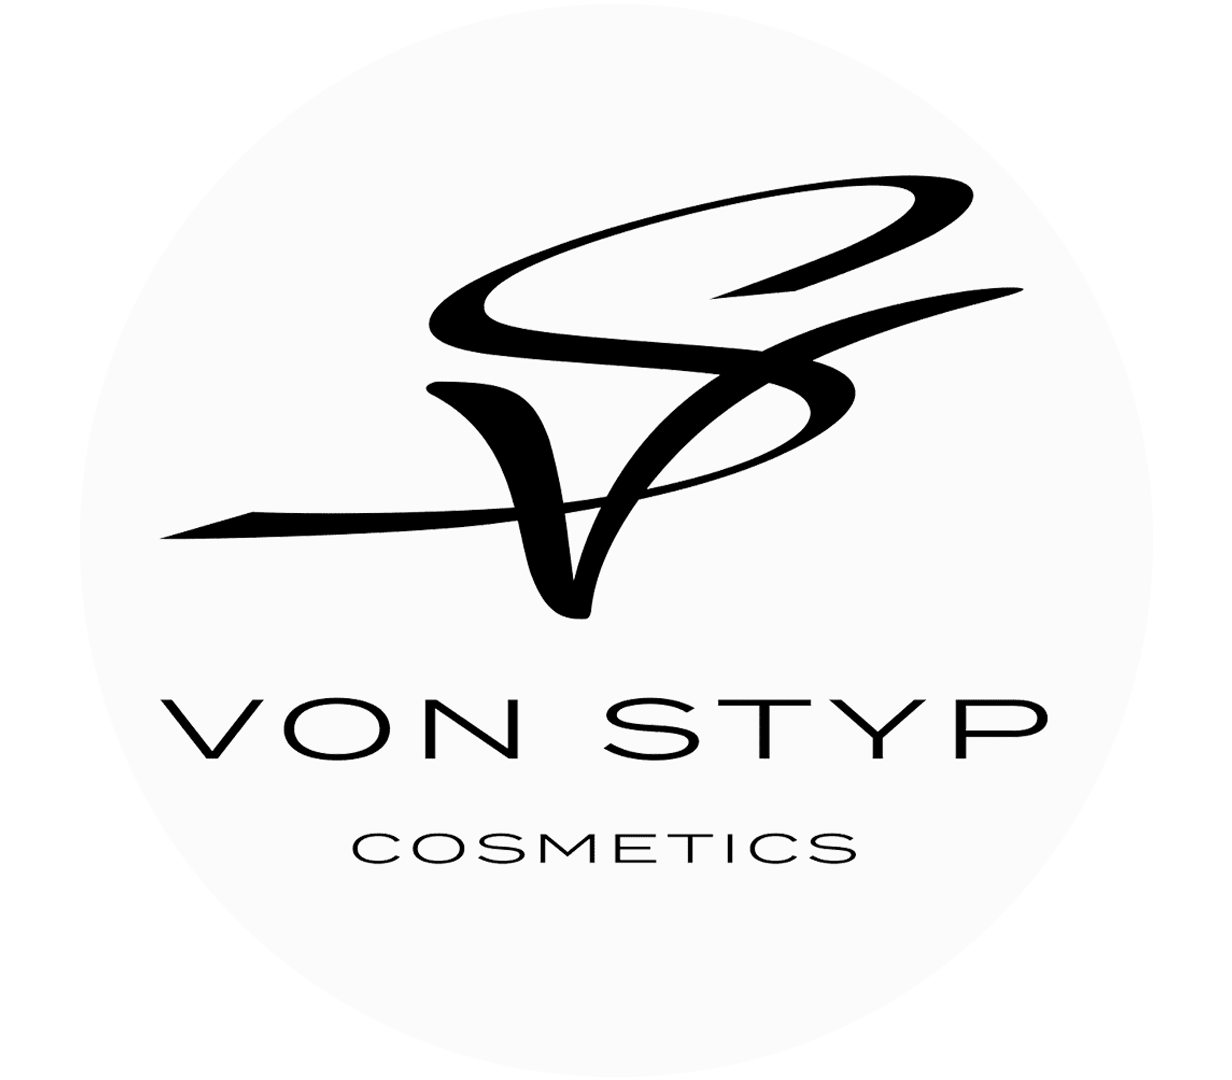 VonStyp